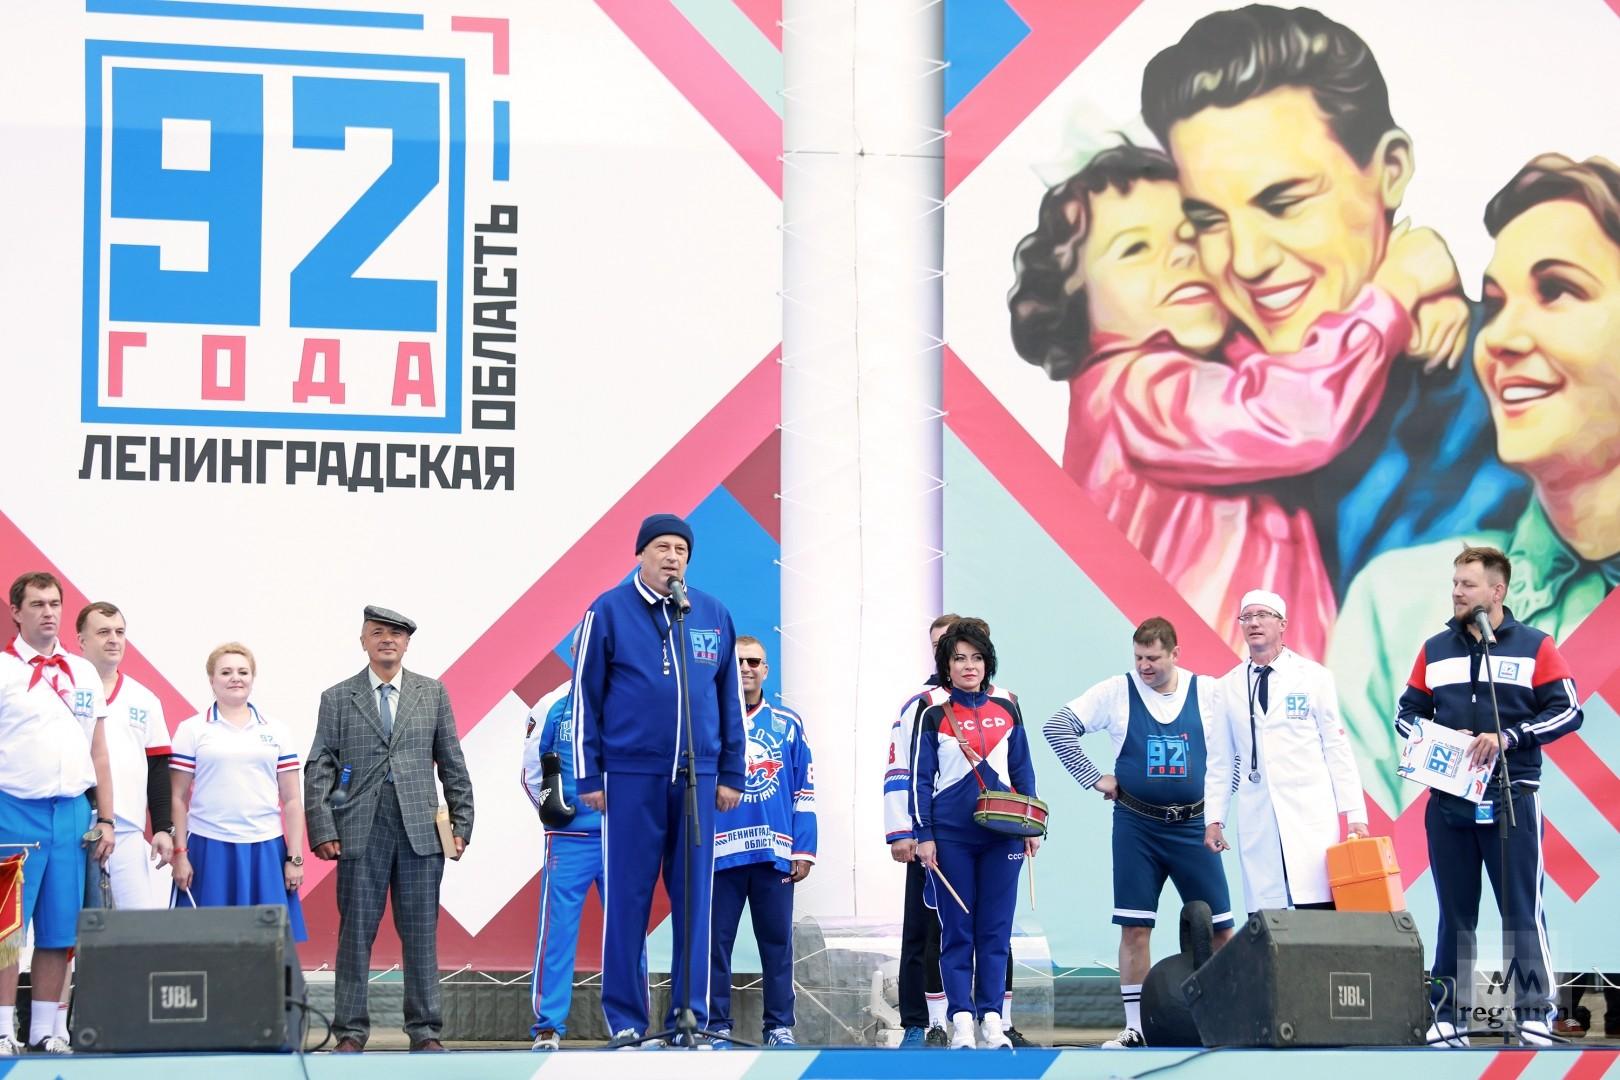 Александр Дрозденко поздравляет с 92-ой годовщиной Ленинградской области в Бокситогорске